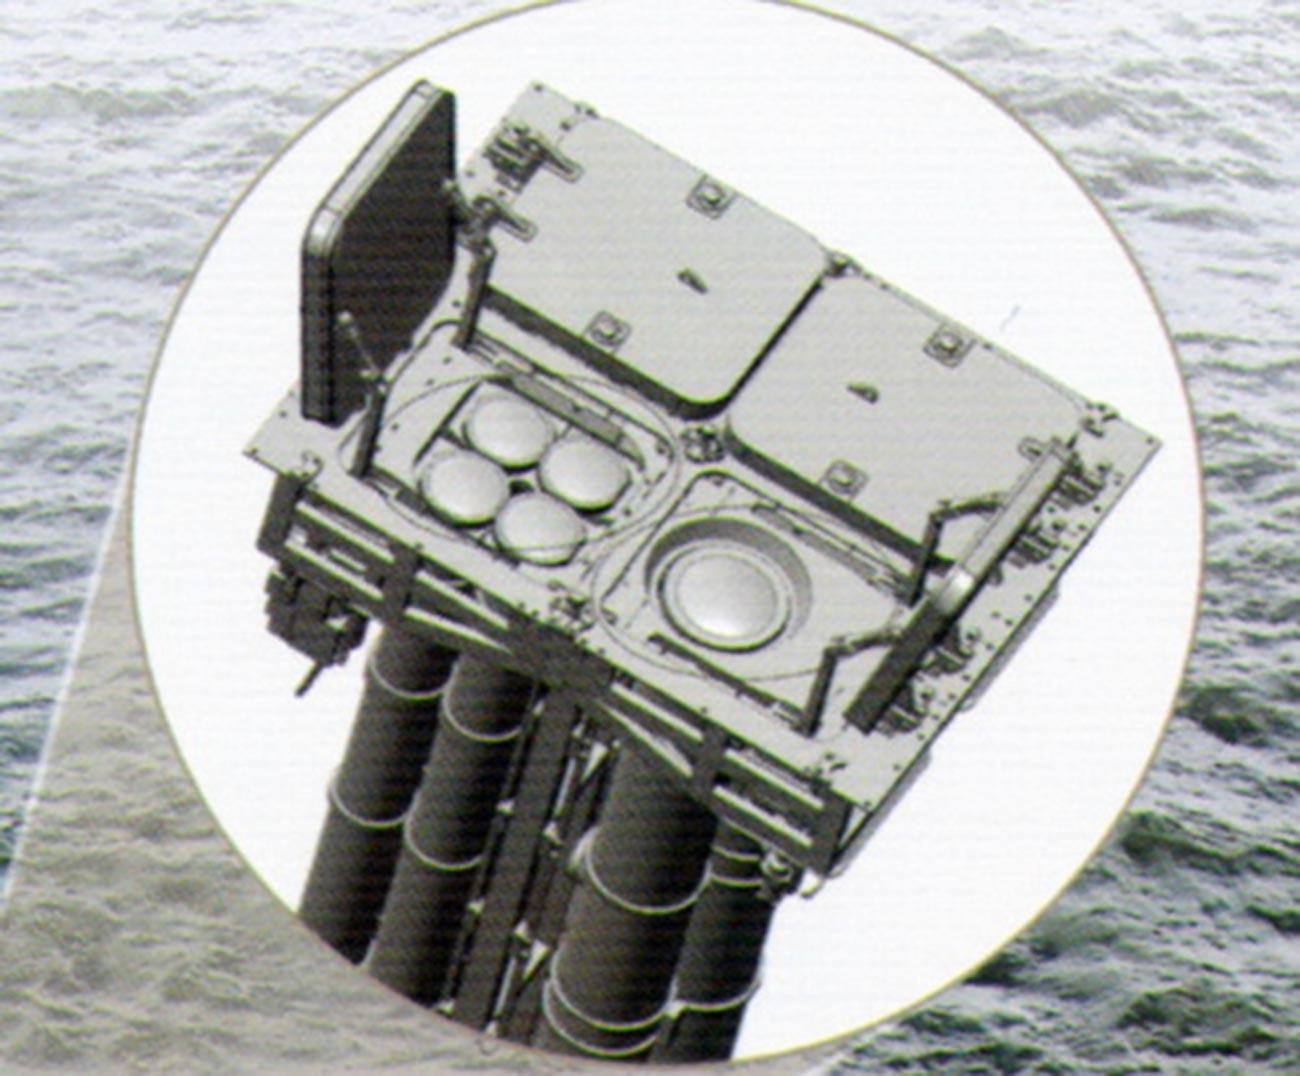 Многоканален зенитно-ракетен комплекс (ЗРК)